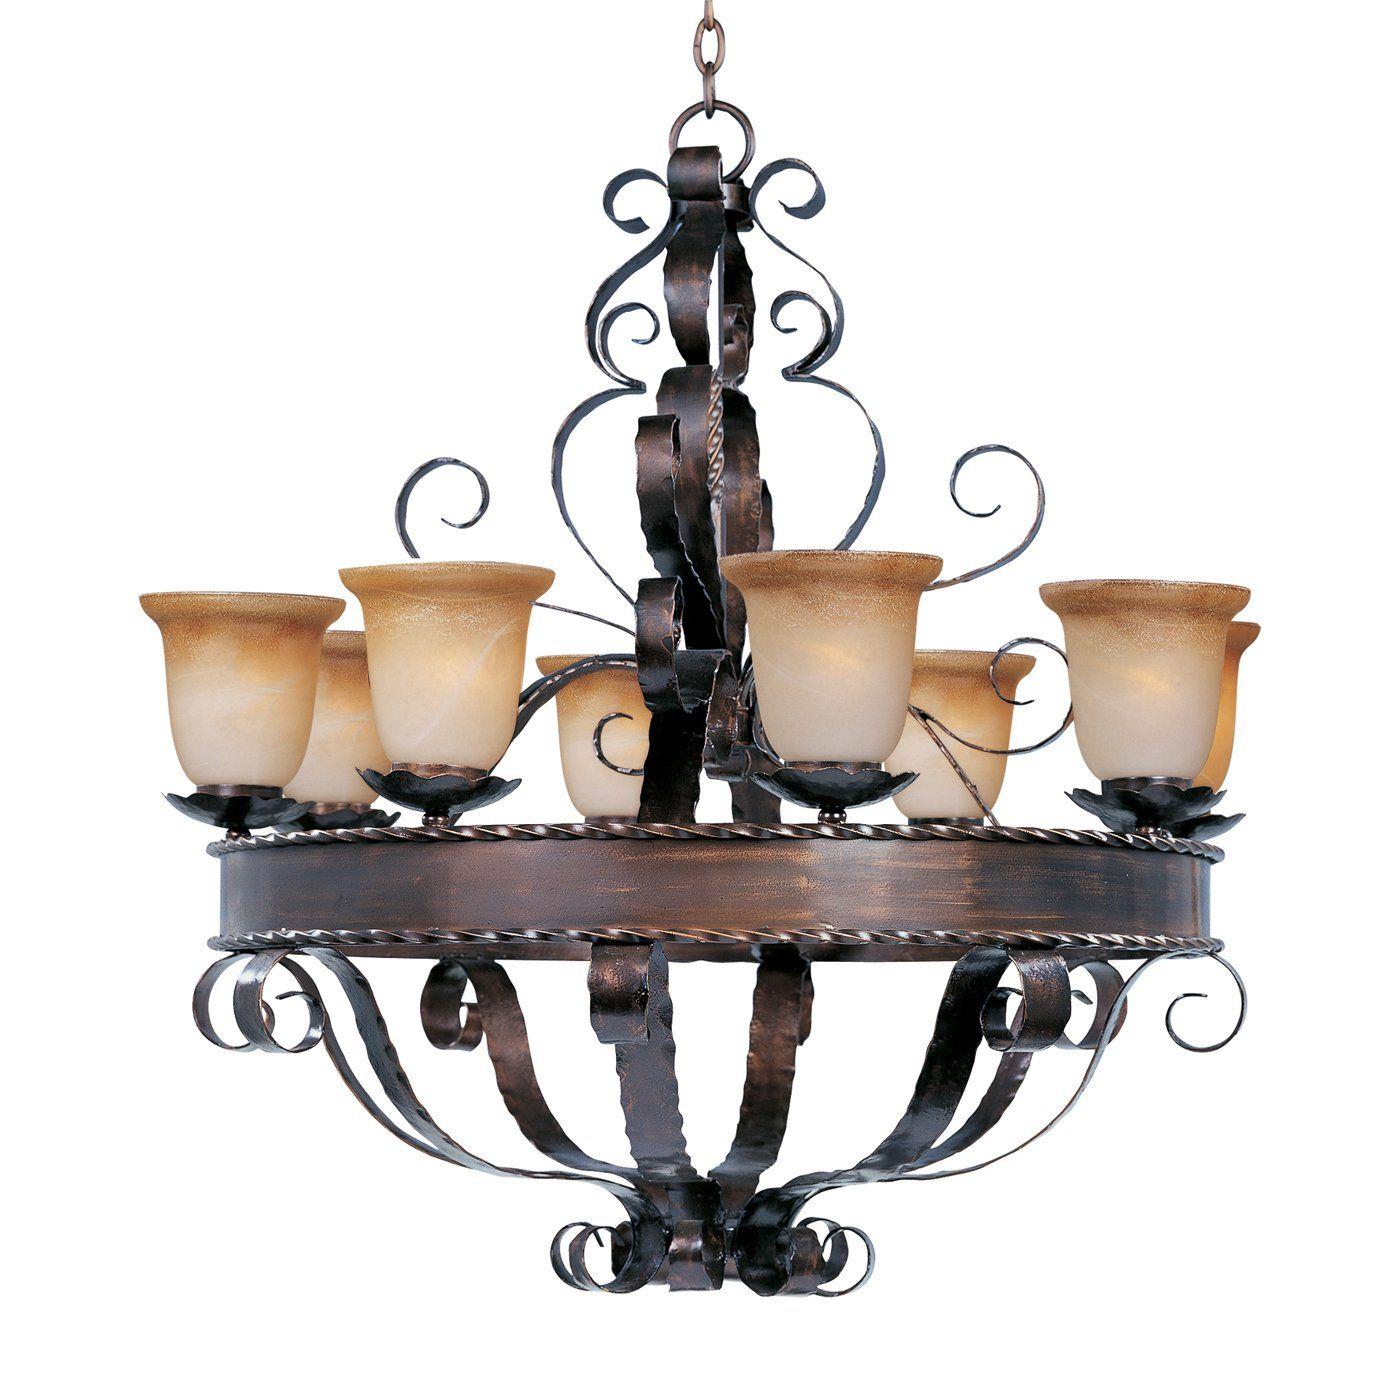 Maxim lighting 20610vaoi 8 light aspen chandelier oil rubbed bronze maxim lighting 20610vaoi 8 light aspen chandelier oil rubbed bronze mozeypictures Gallery